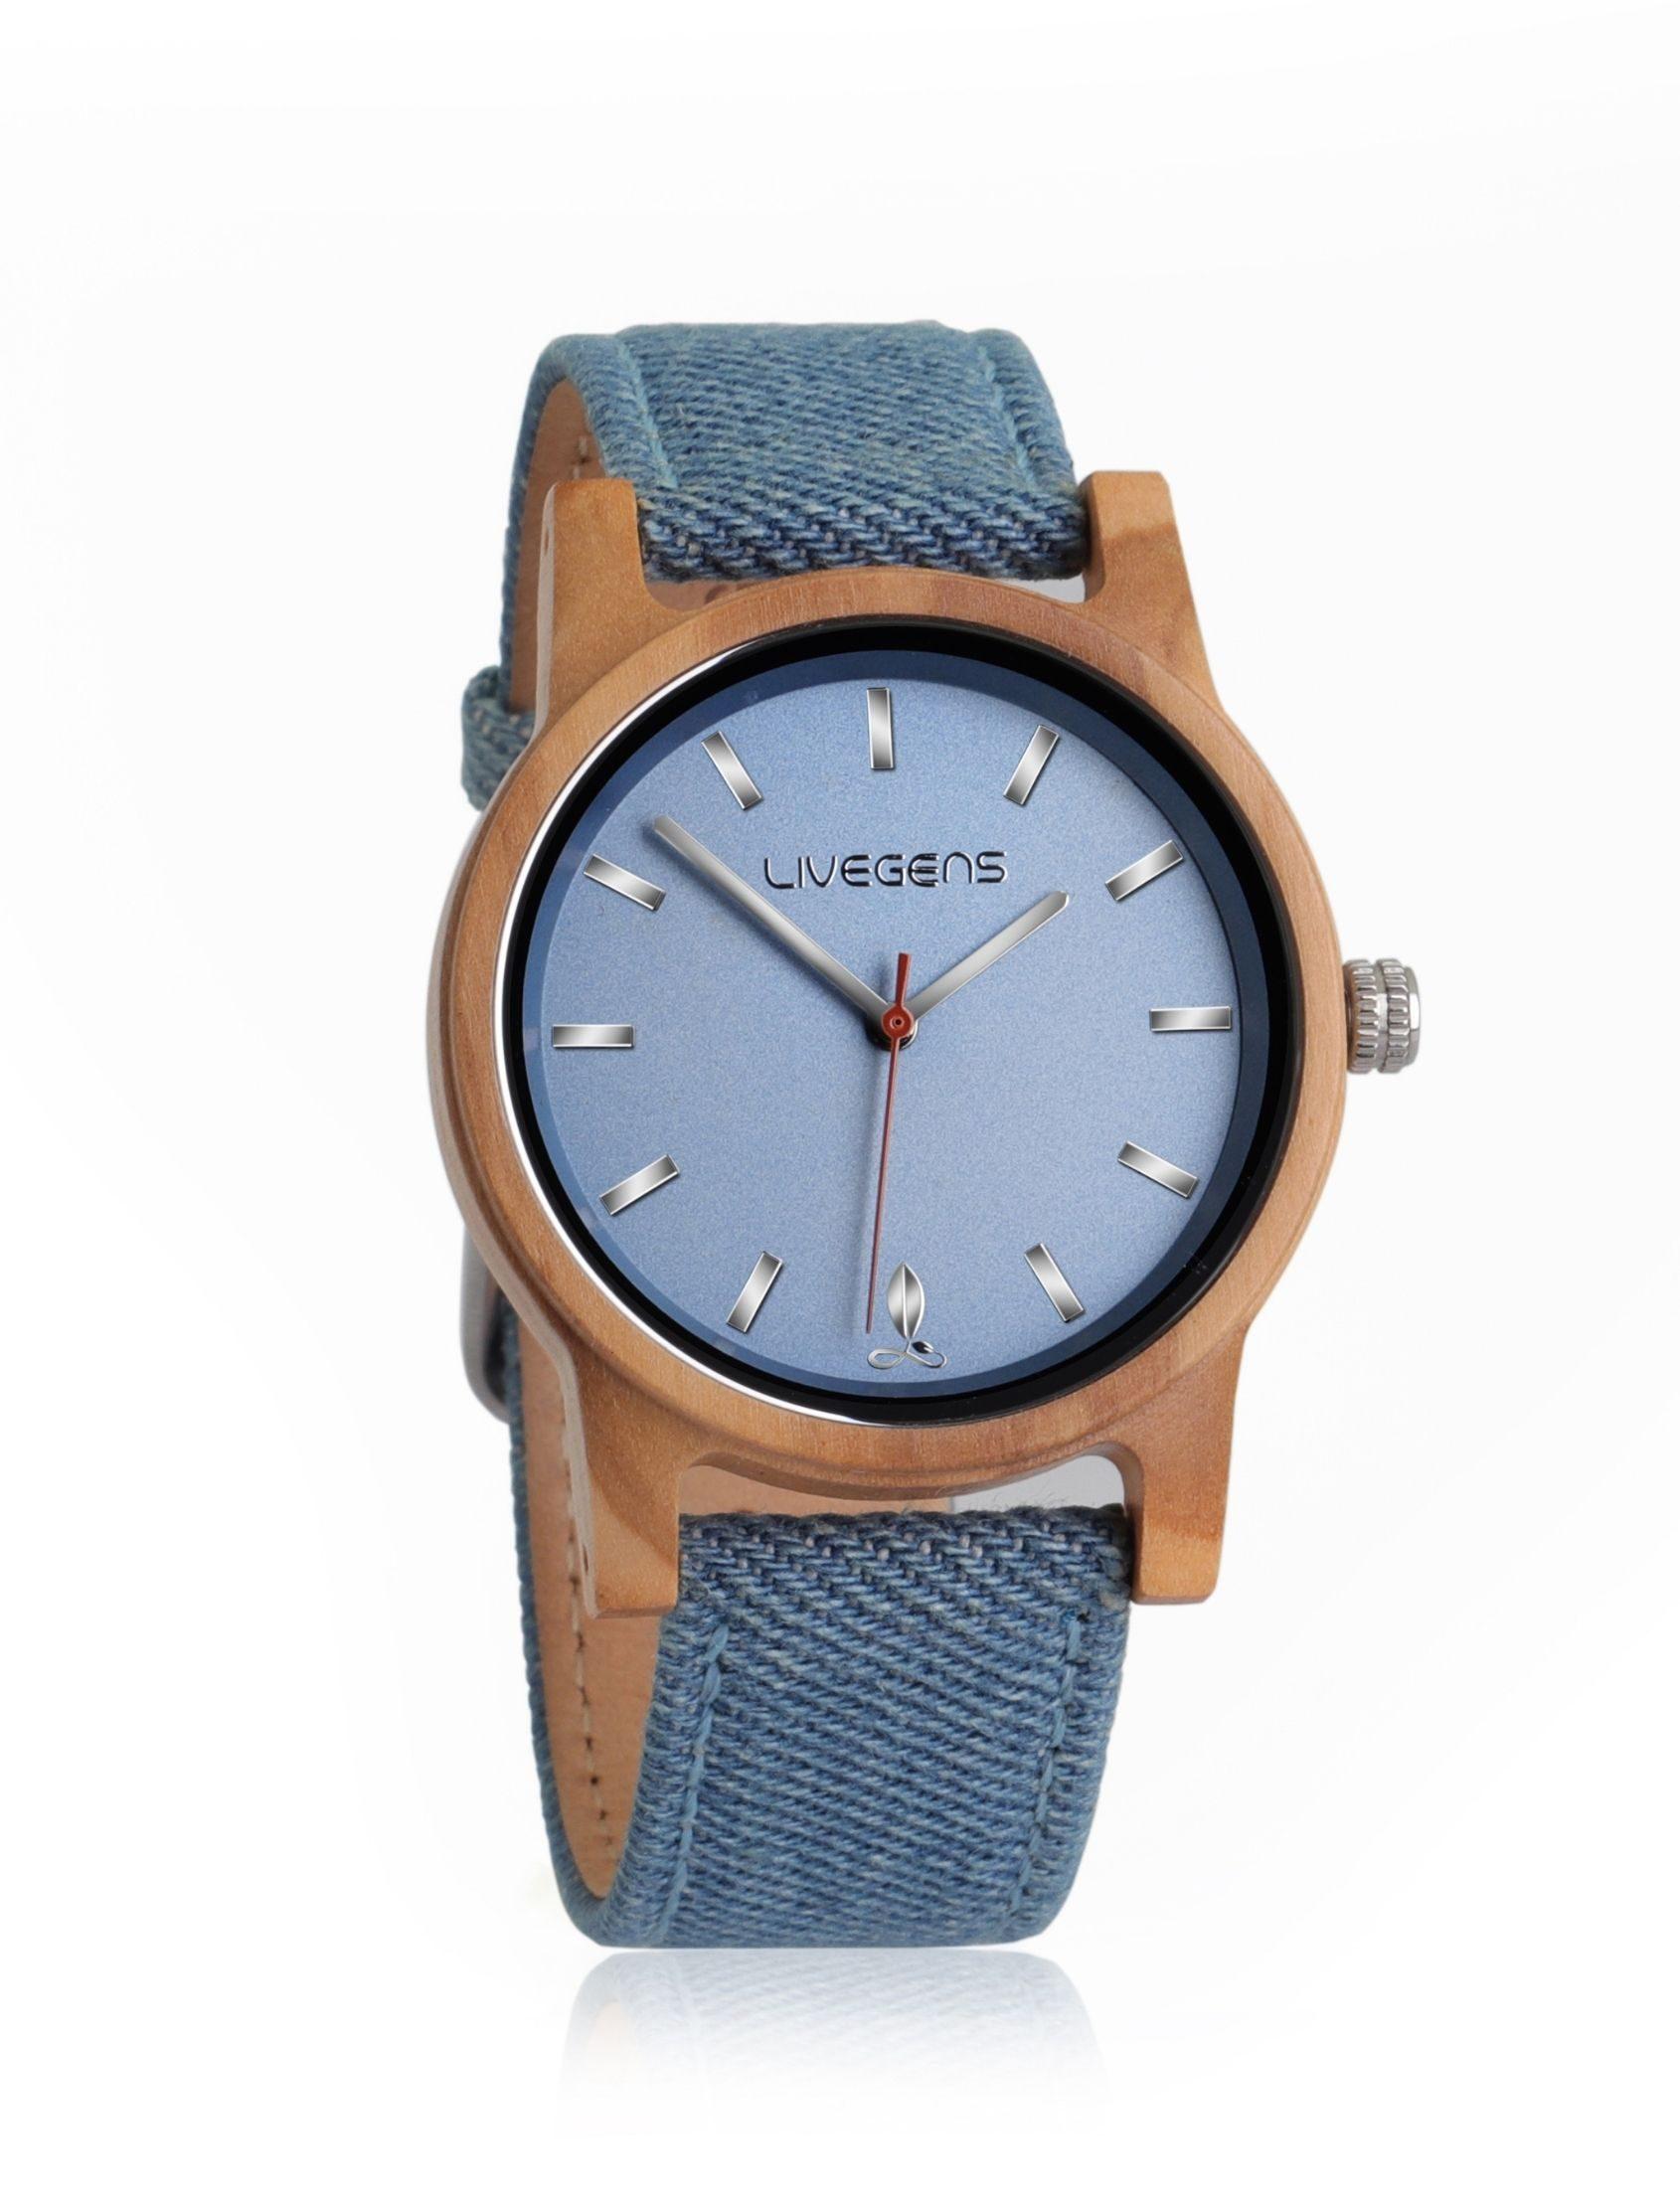 reloj livegens sea travel de madera sostenible con correa de algodón azul